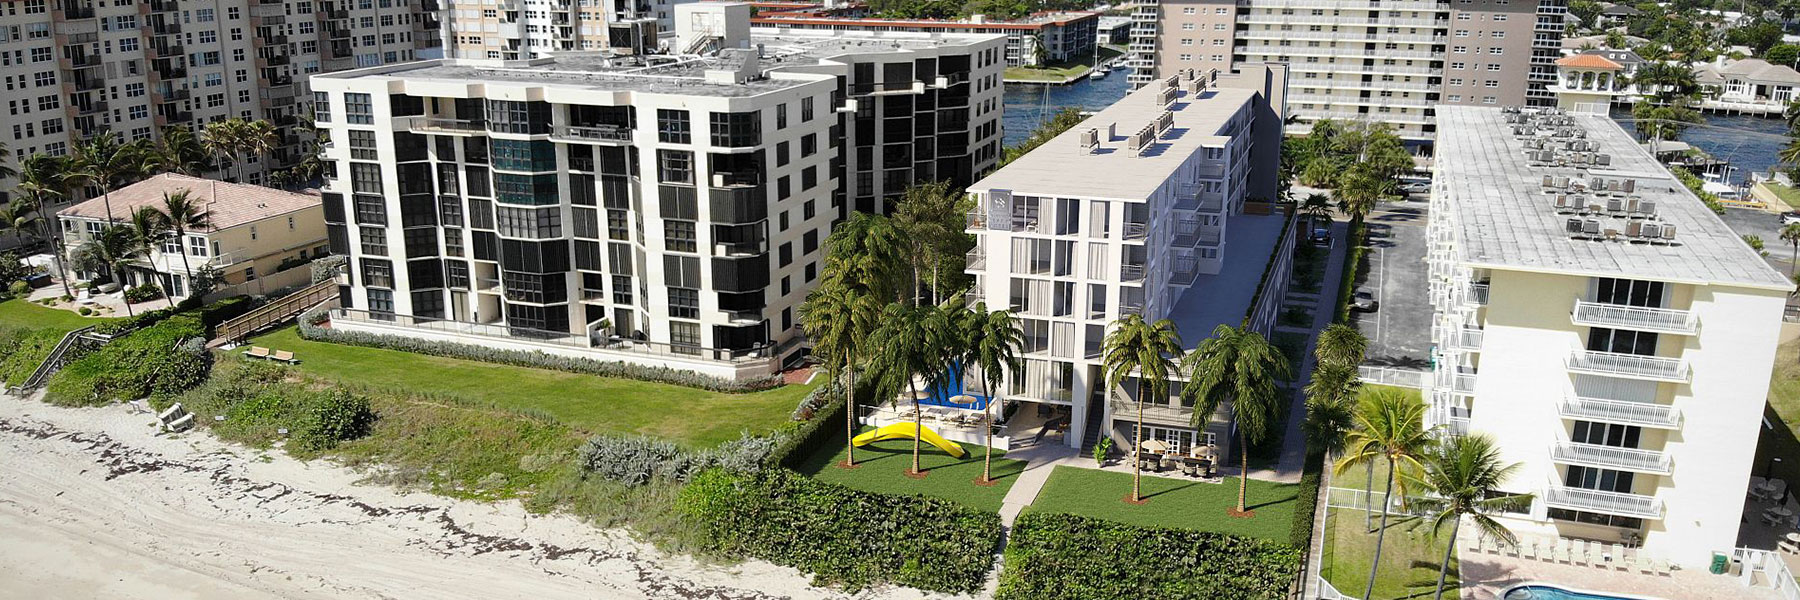 Site Map at Hillsboro Beach Resort